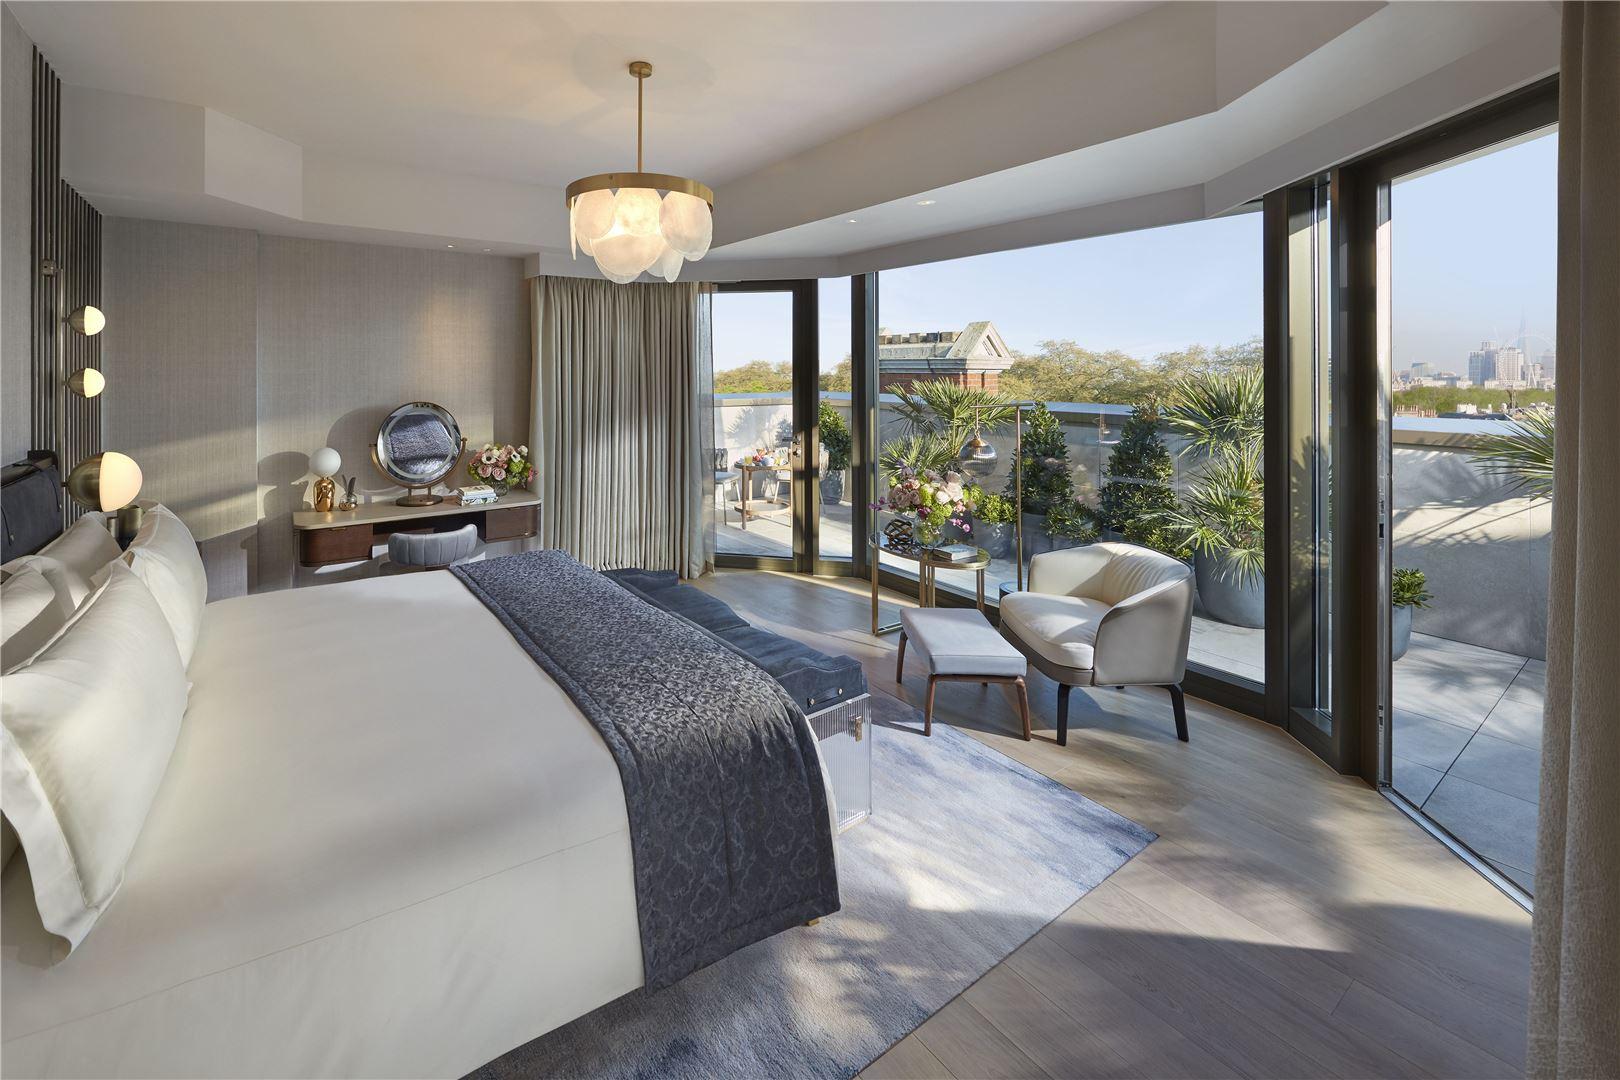 Mandarin Oriental Hotel London Penthouse Suite